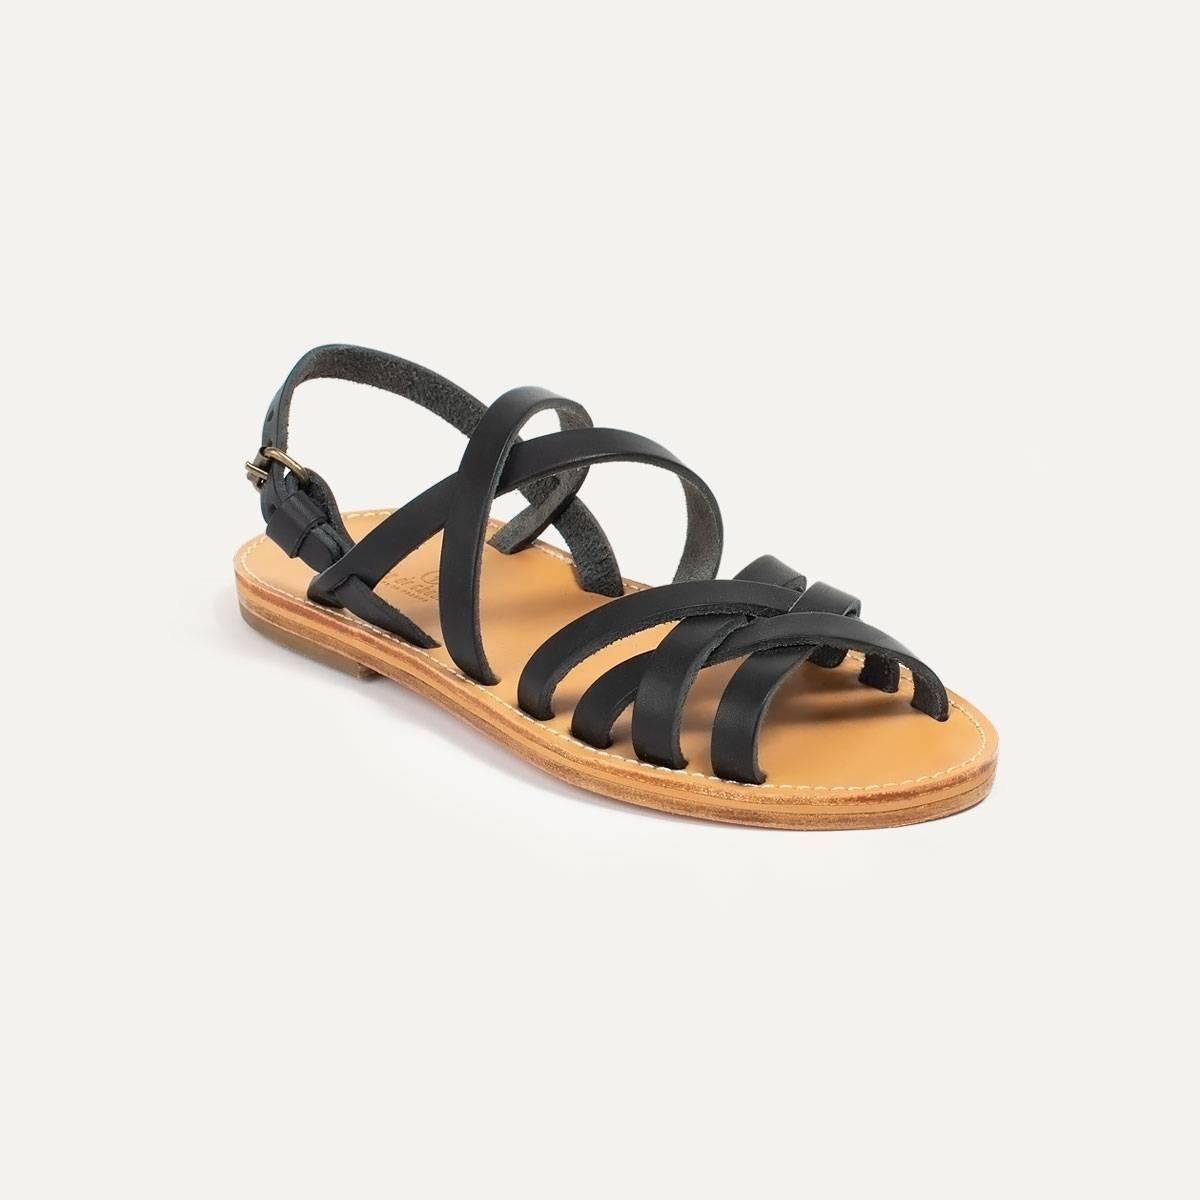 Sandales cuir Majour - Noir (image n°2)